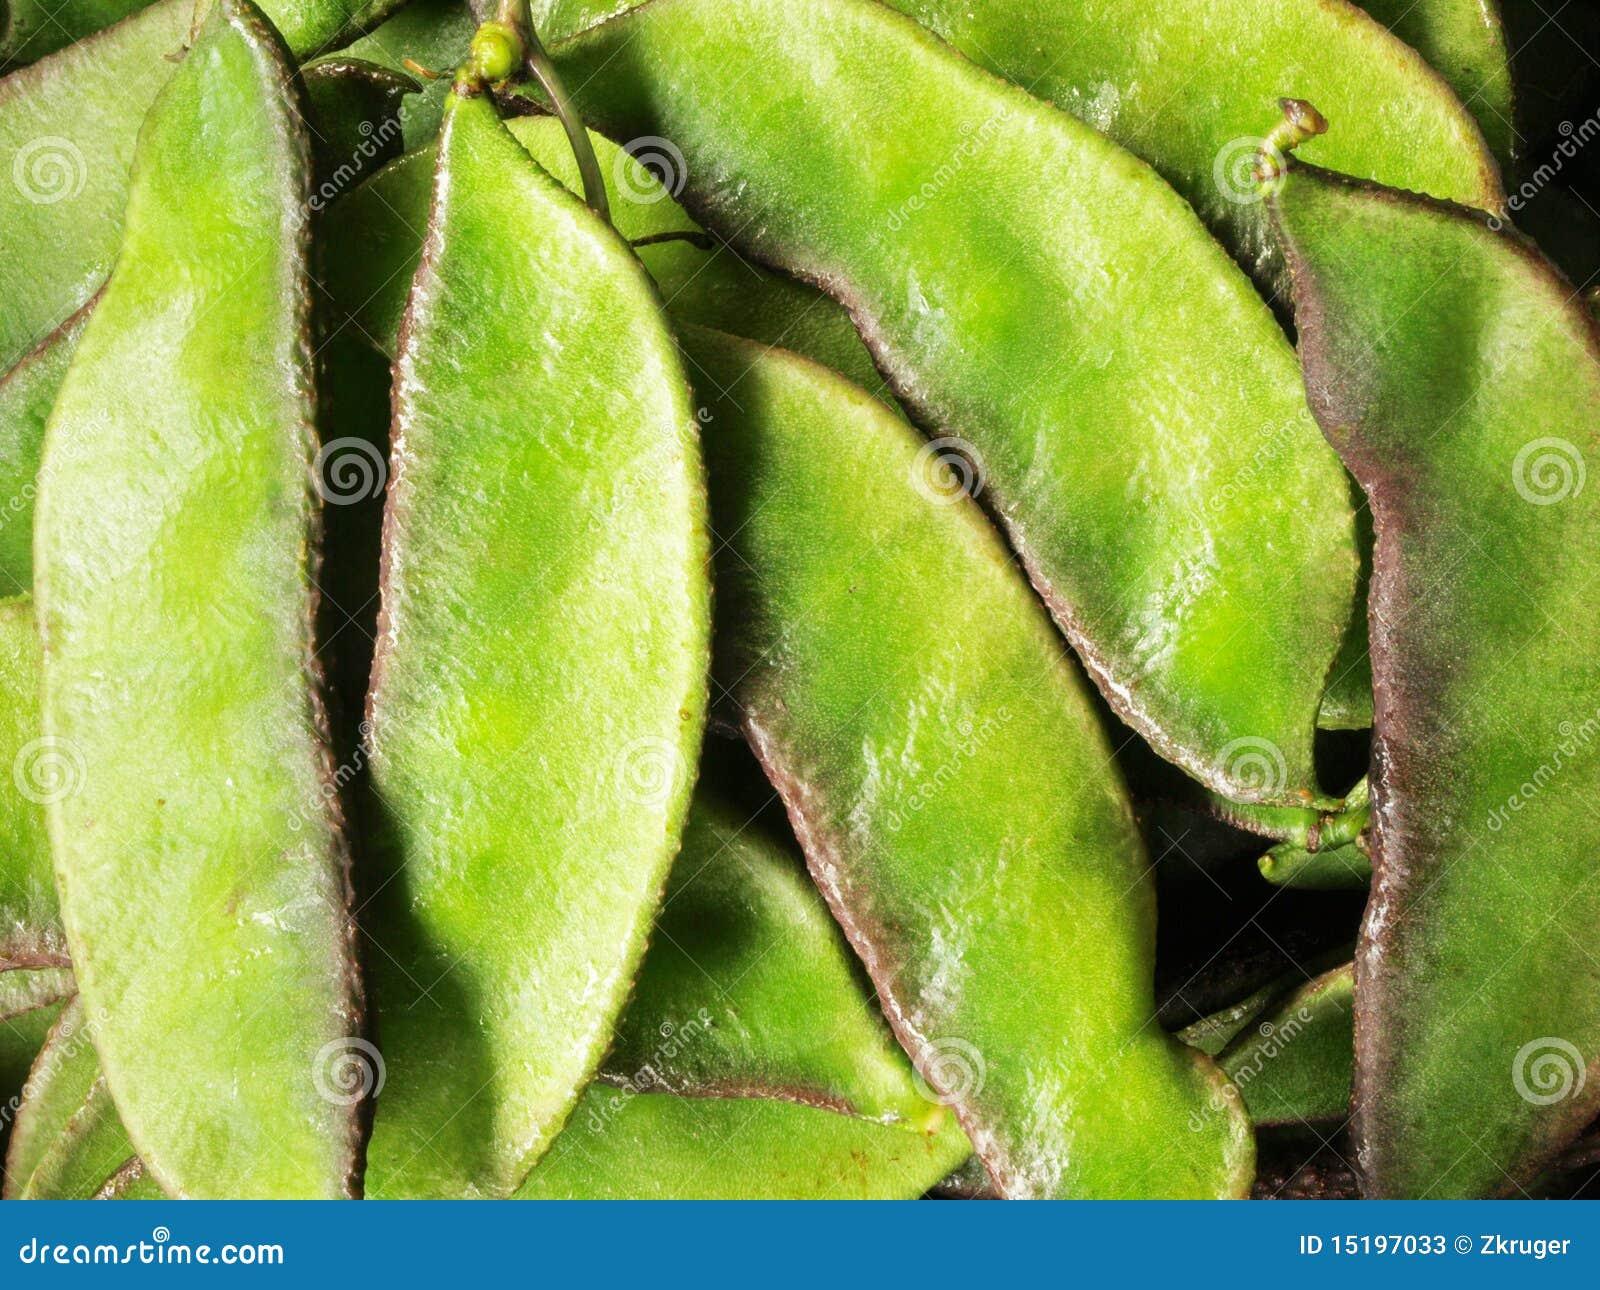 Heap of indian beans